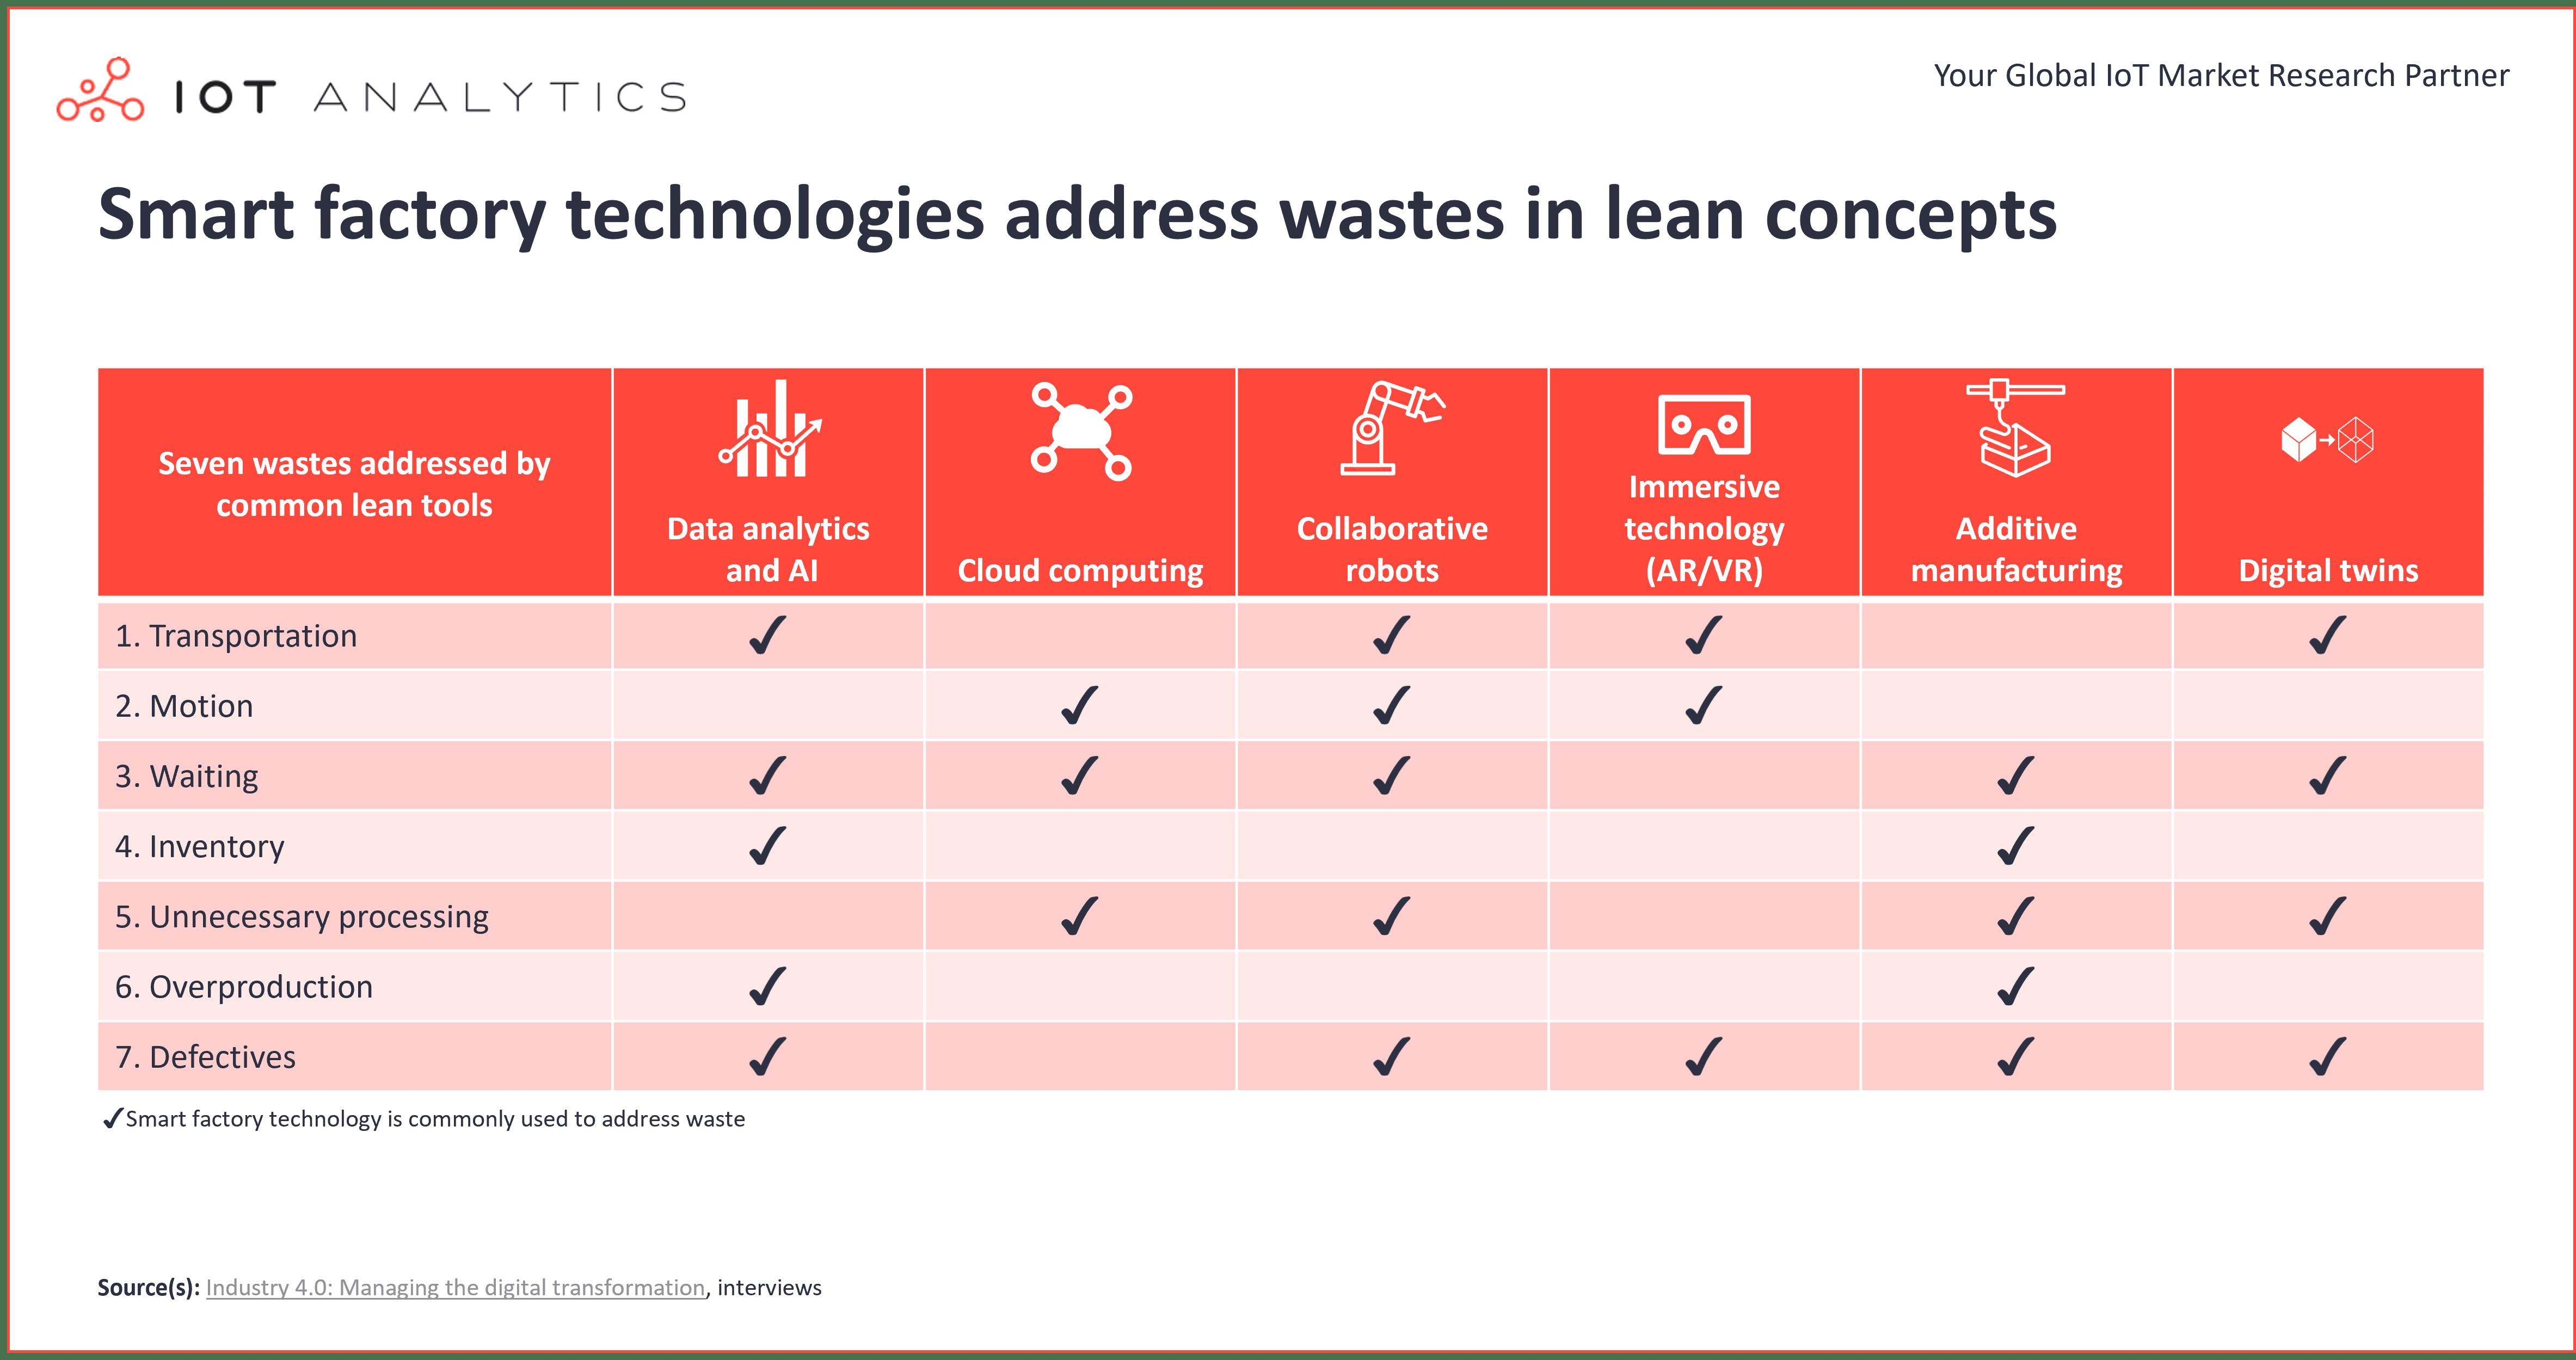 as tecnologias de fábrica inteligentes tratam dos resíduos conceito enxuto